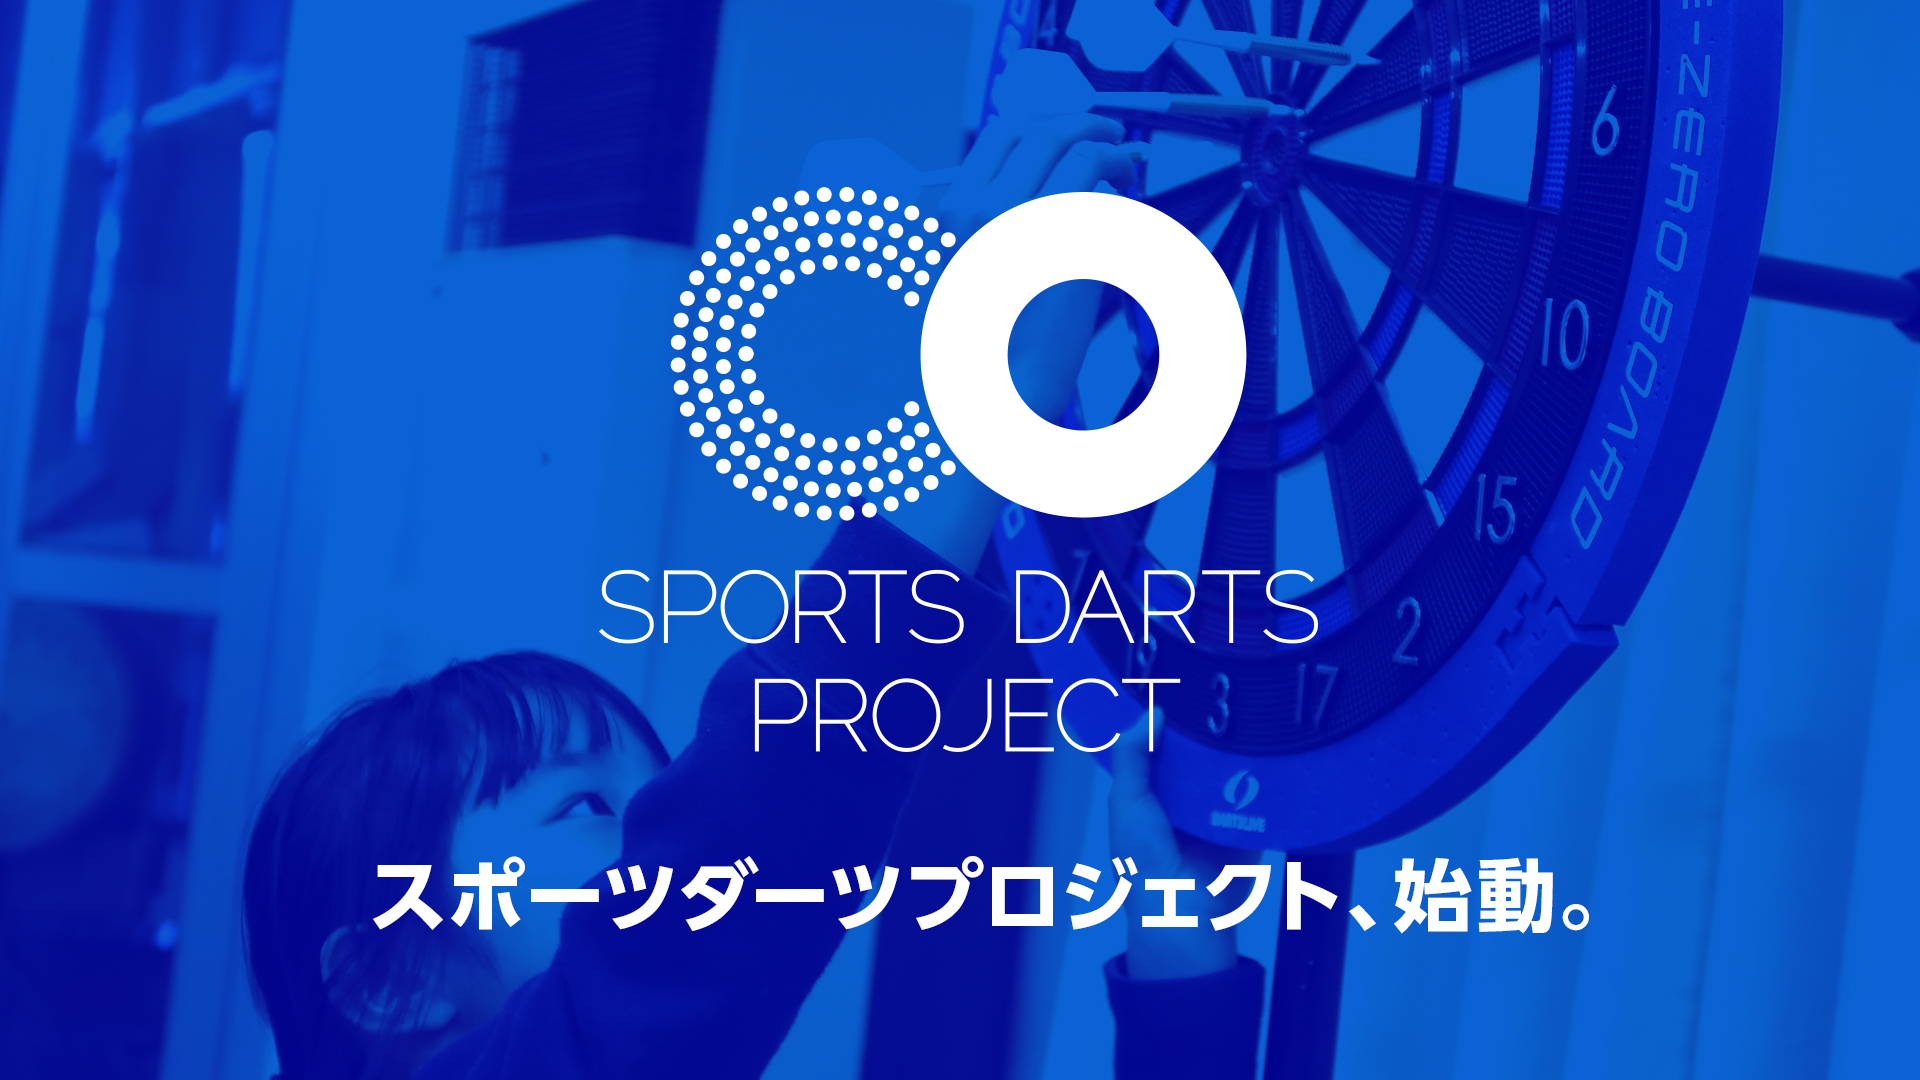 ダーツの未来を創る「スポーツダーツプロジェクト」スタート